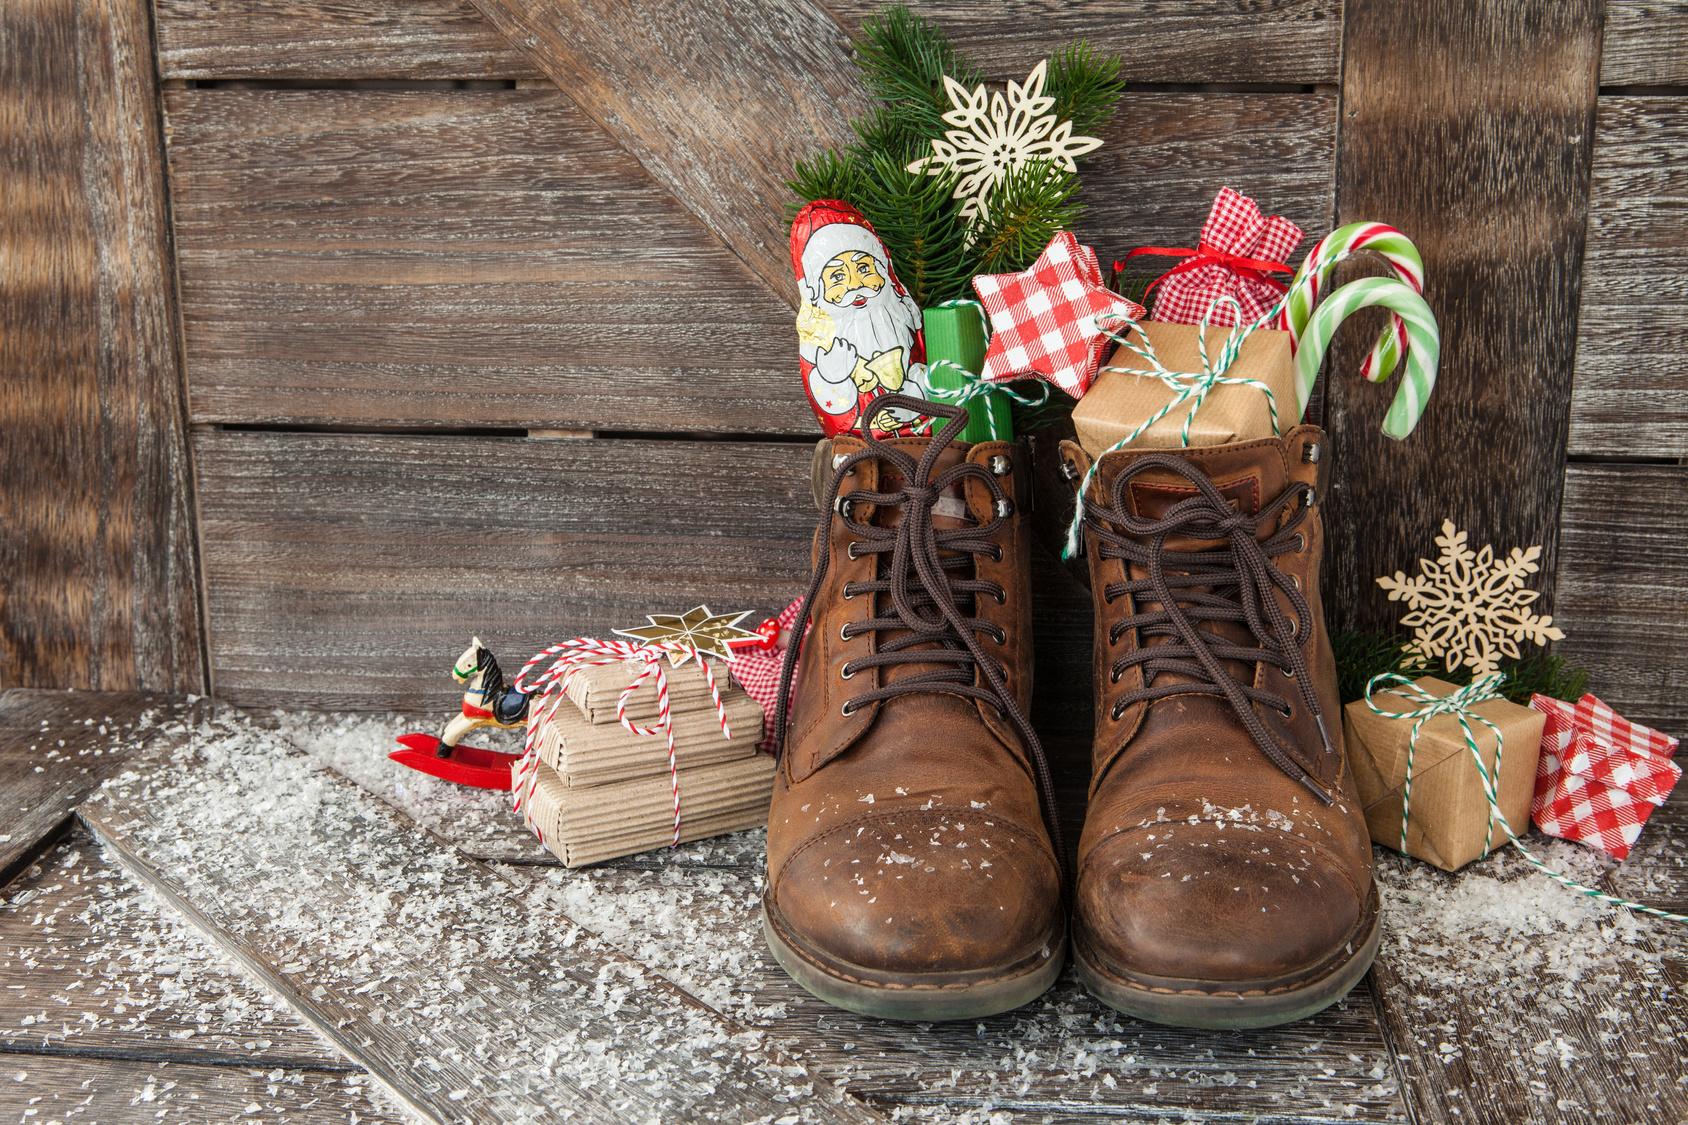 Braune Lederstiefel mit Geschenken und Suessigkeiten zu Weihnachten